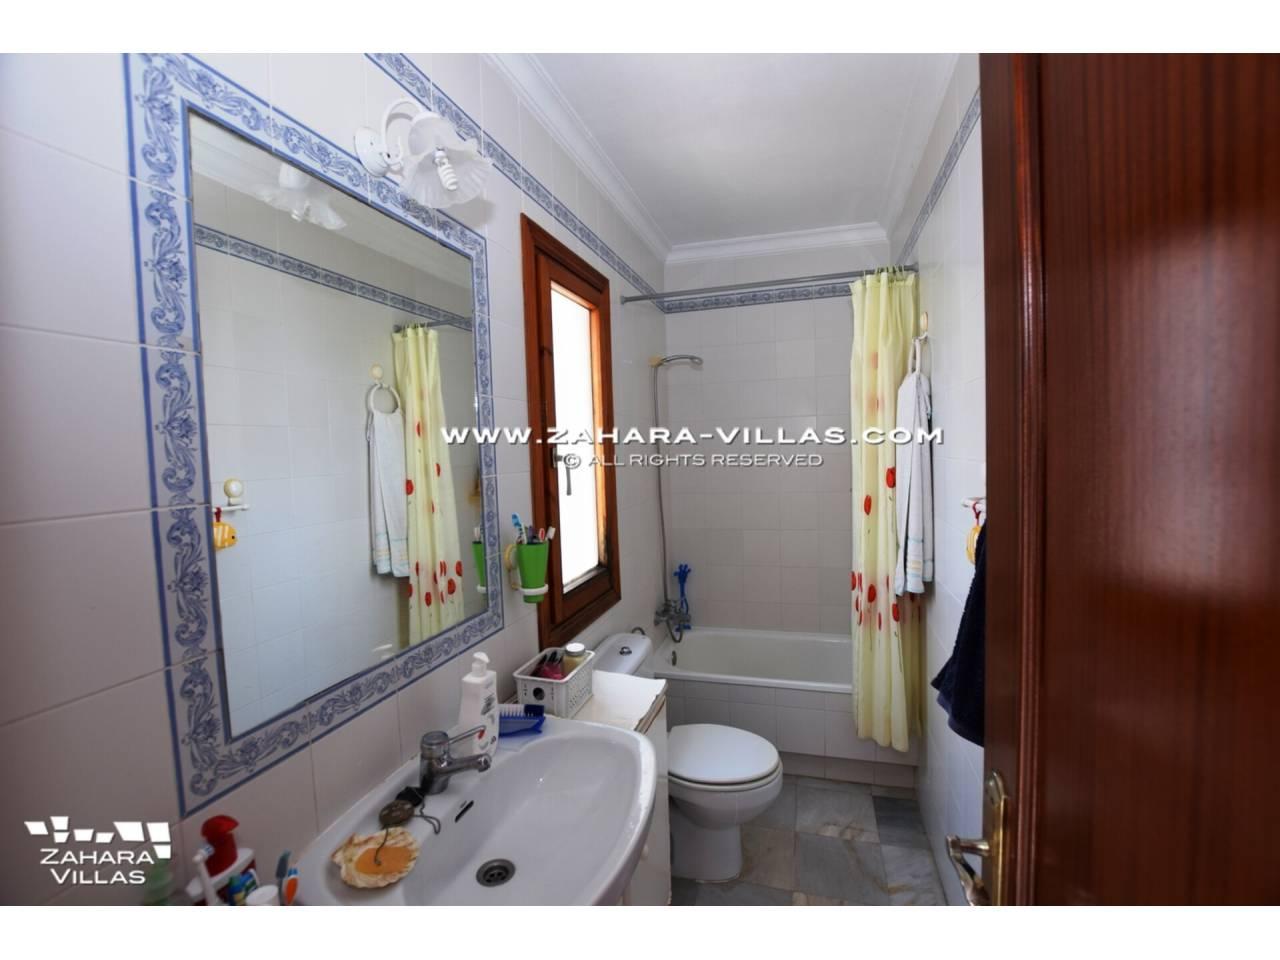 Imagen 22 de Casa en venta en segunda línea de playa, con vistas al mar en Zahara de los Atunes